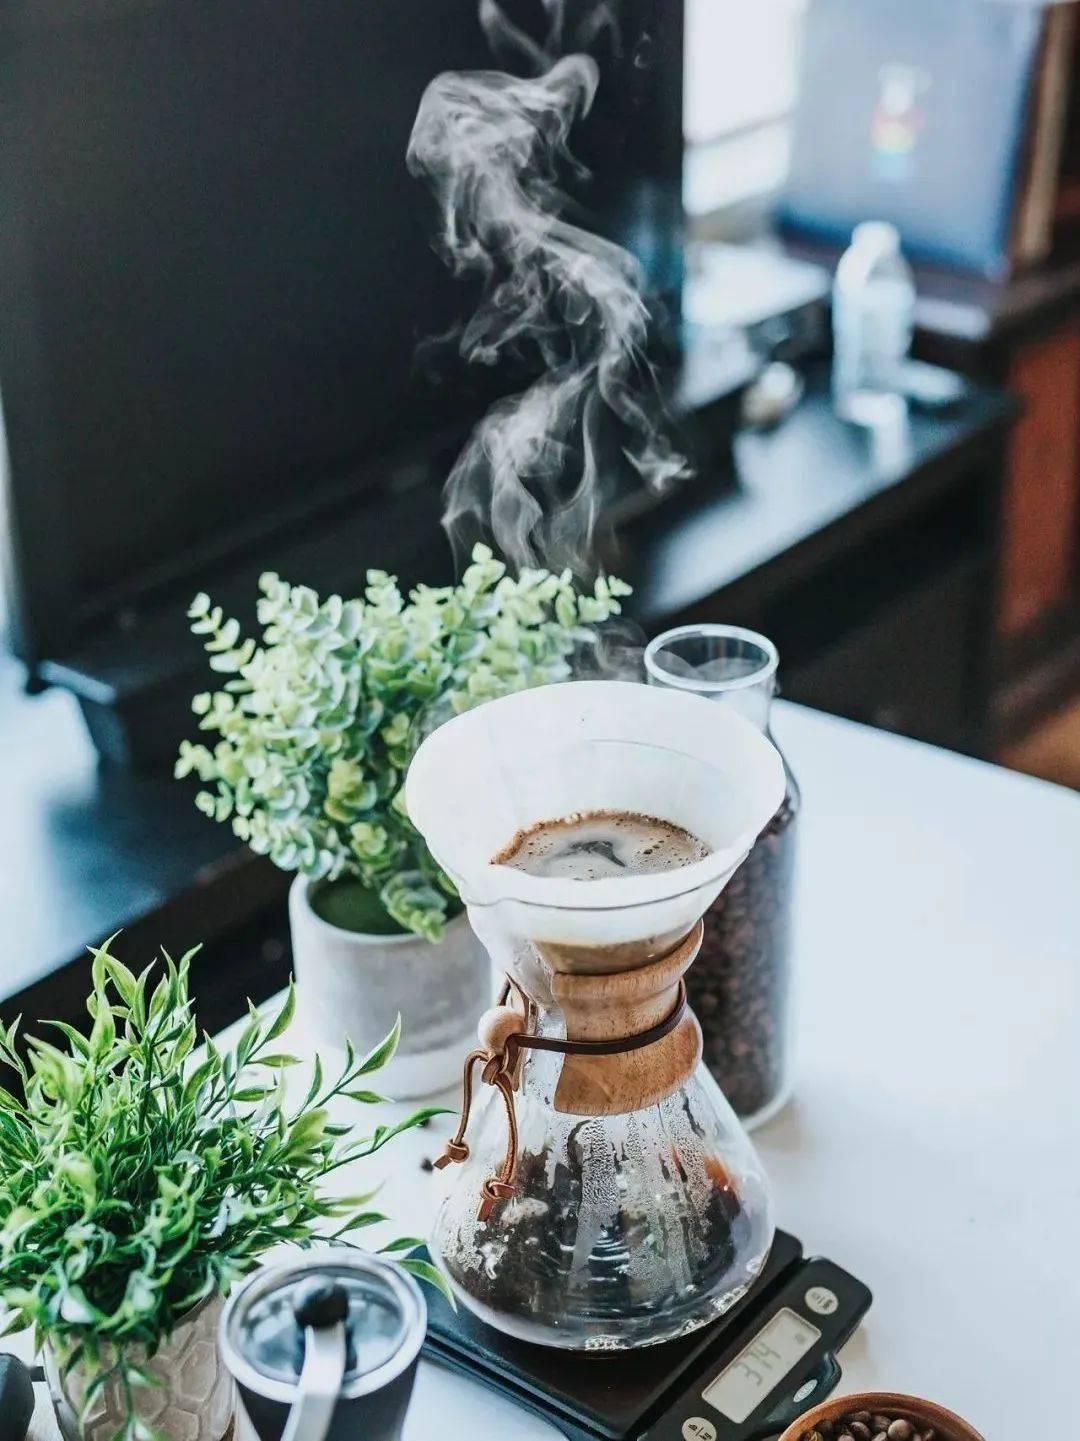 咖啡的余韵是属于味觉还是嗅觉? 试用和测评 第1张